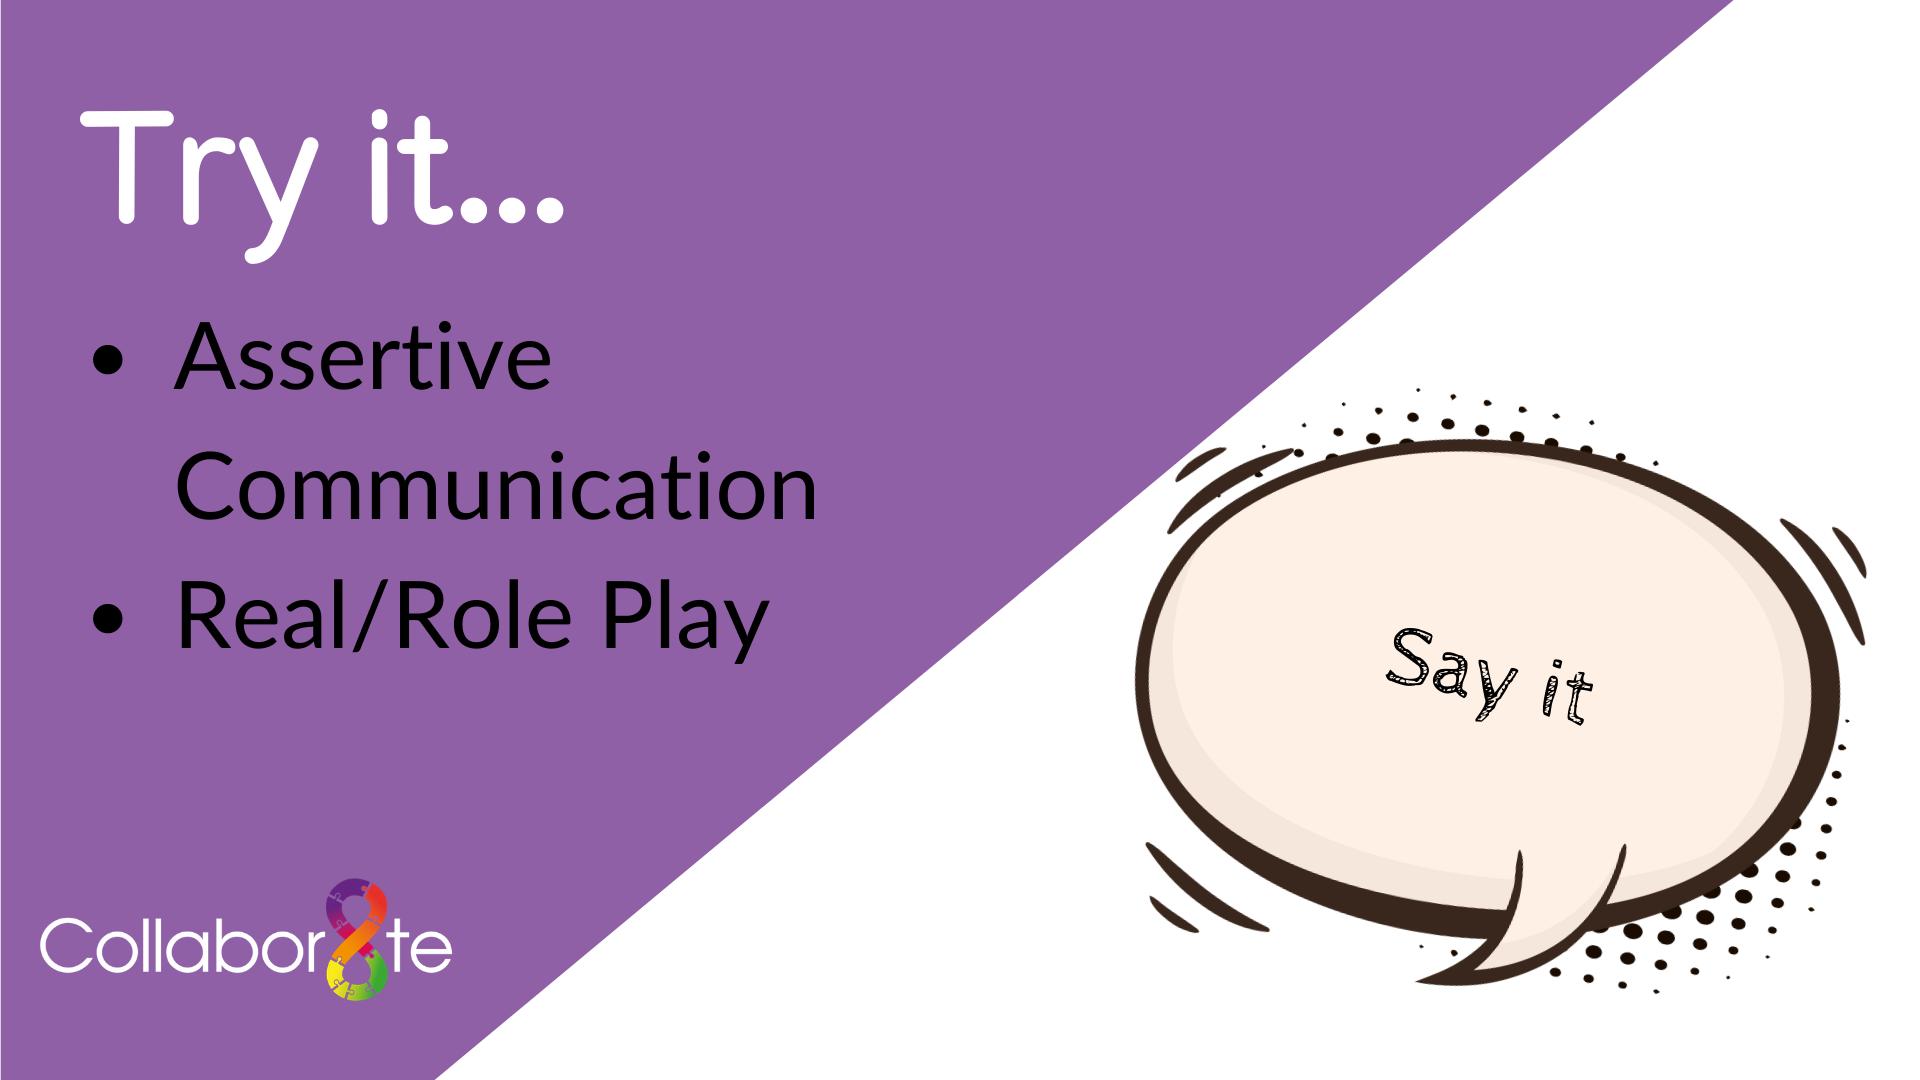 Webinar - Try It: Assertive Communication